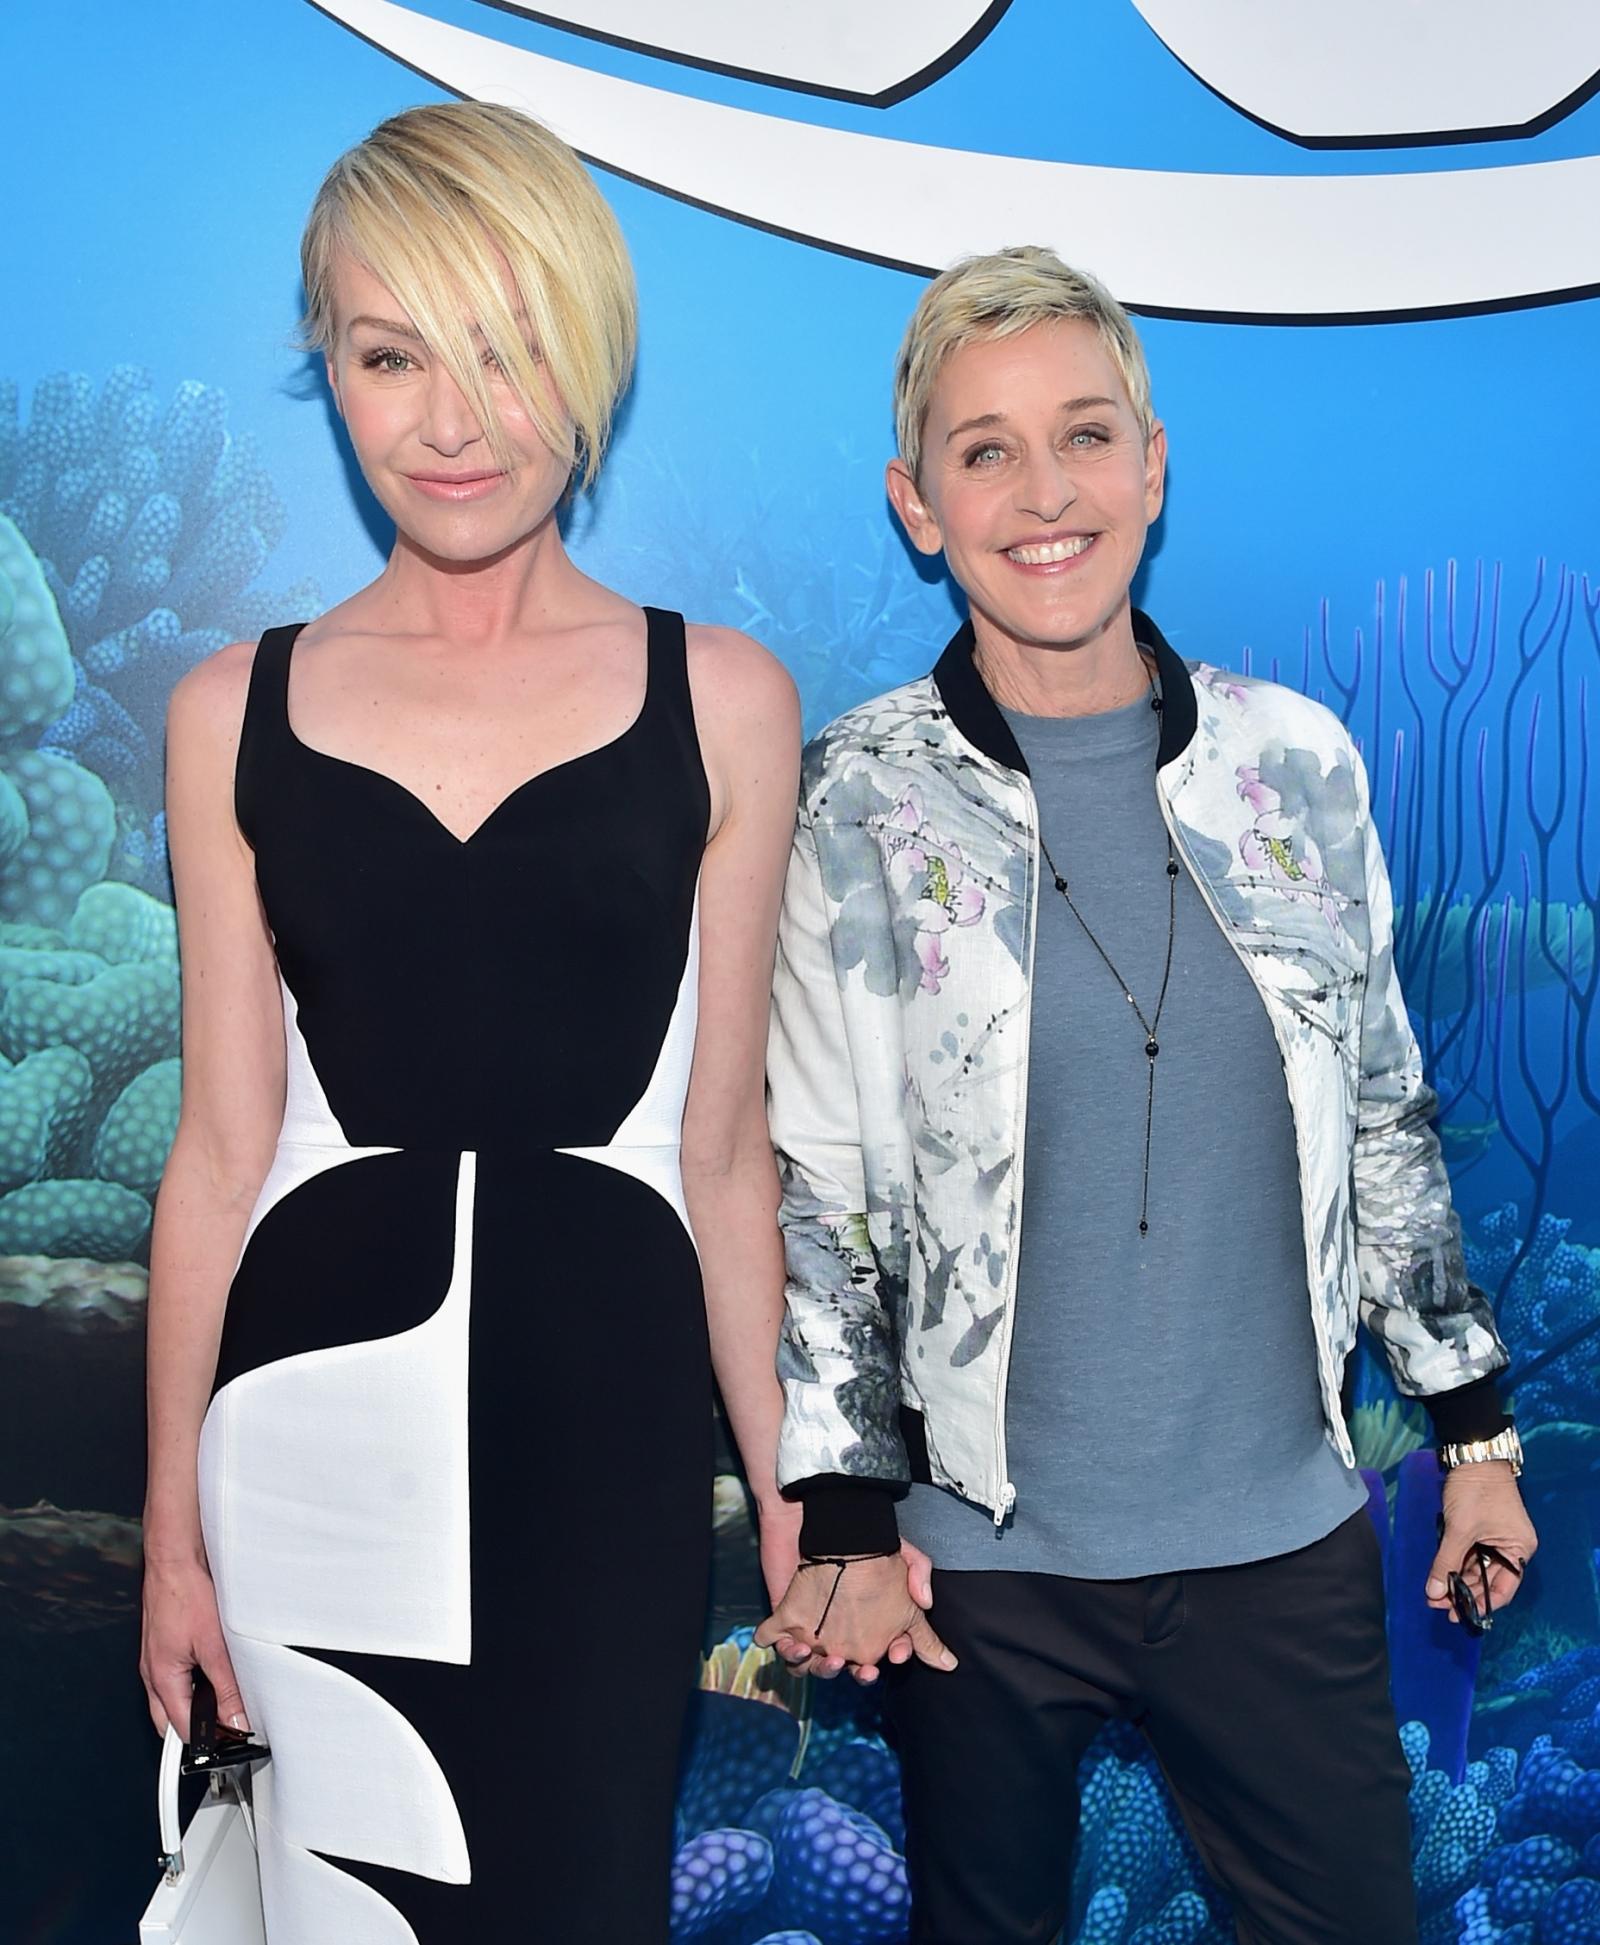 Ellen DeGeneres And Portia De Rossi: Couple's House